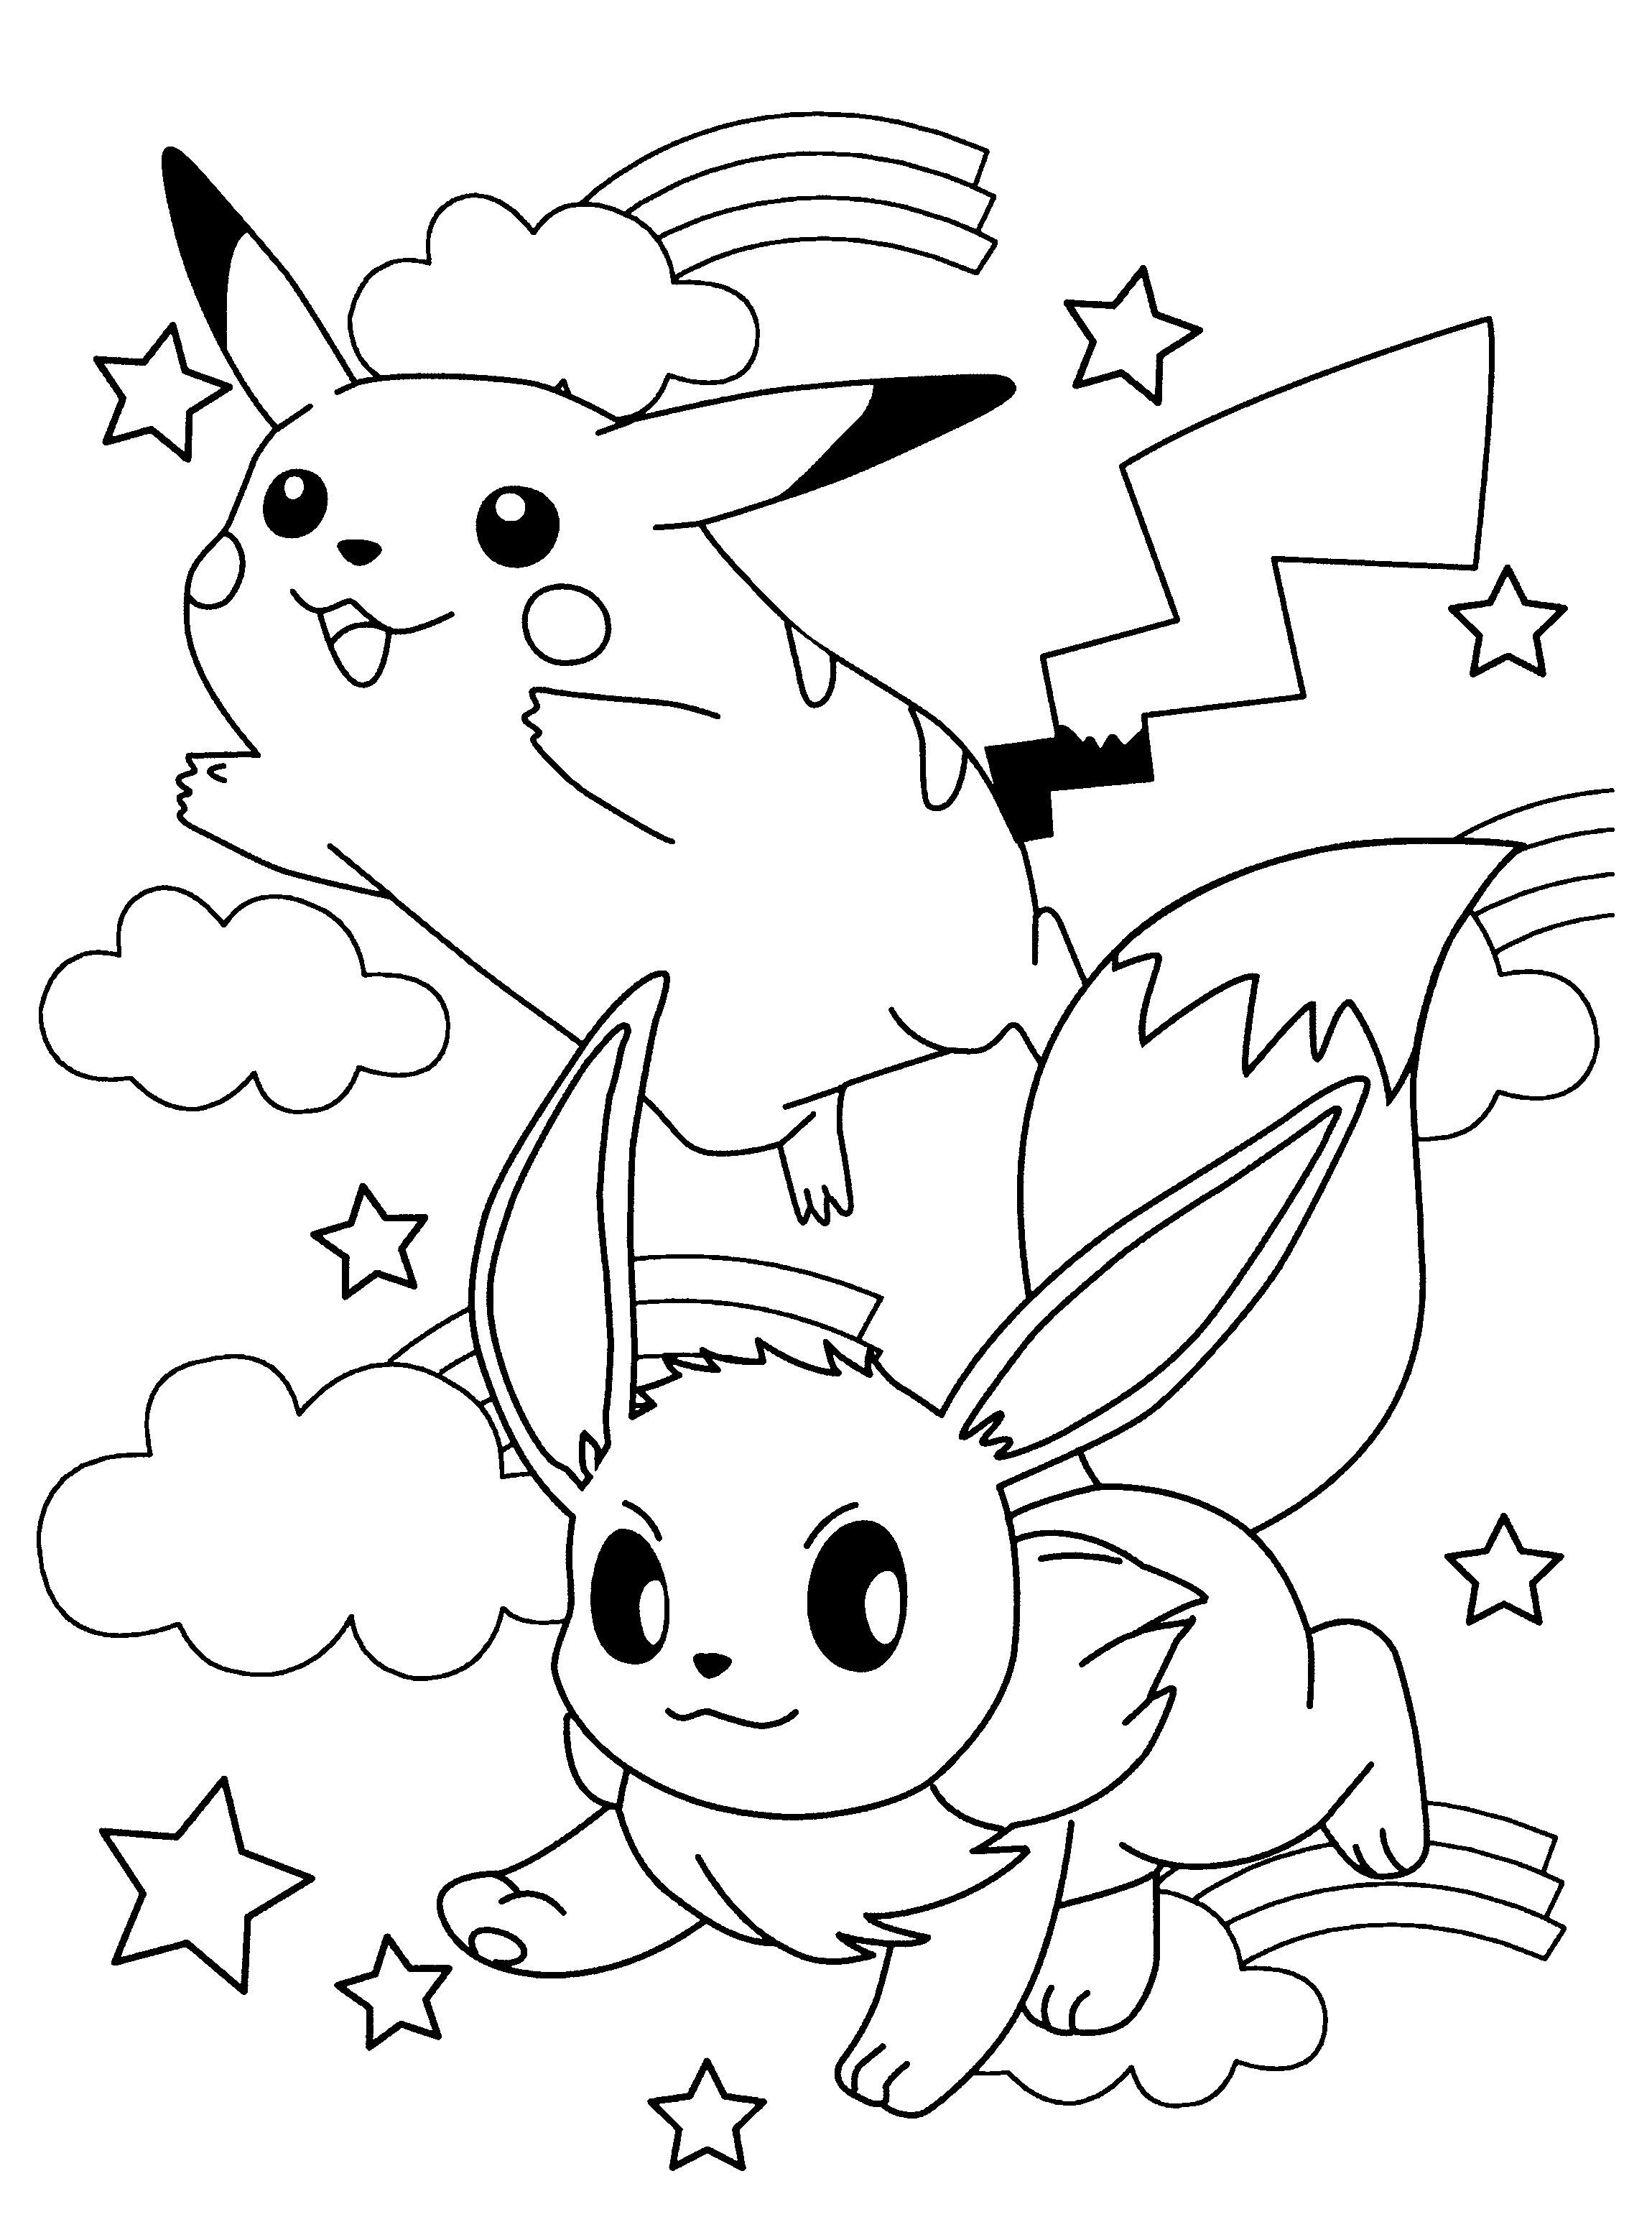 Pokemon Ausmalbilder sonne Und Mond Genial Ausmalbilder Pokemon Ausmalbilder 123 Schön Ausmalbilder Pokemon Galerie